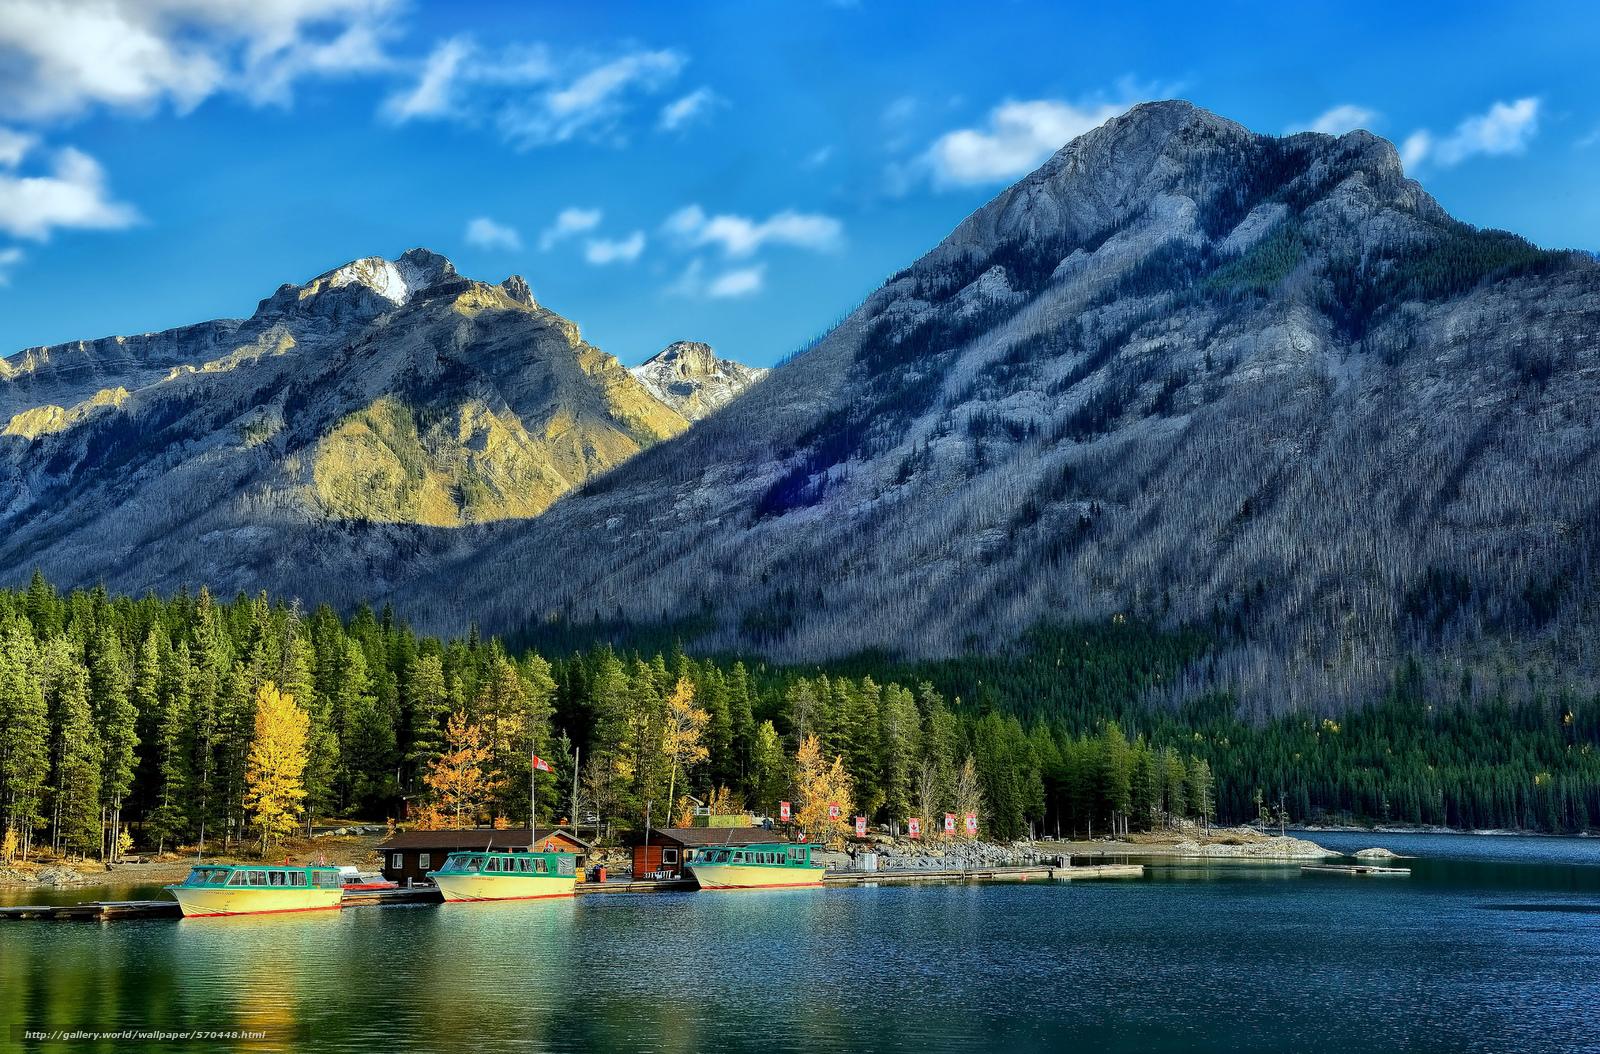 Скачать обои Канадские Скалистые горы,  Банф,  суда,  лес бесплатно для рабочего стола в разрешении 2048x1349 — картинка №570448